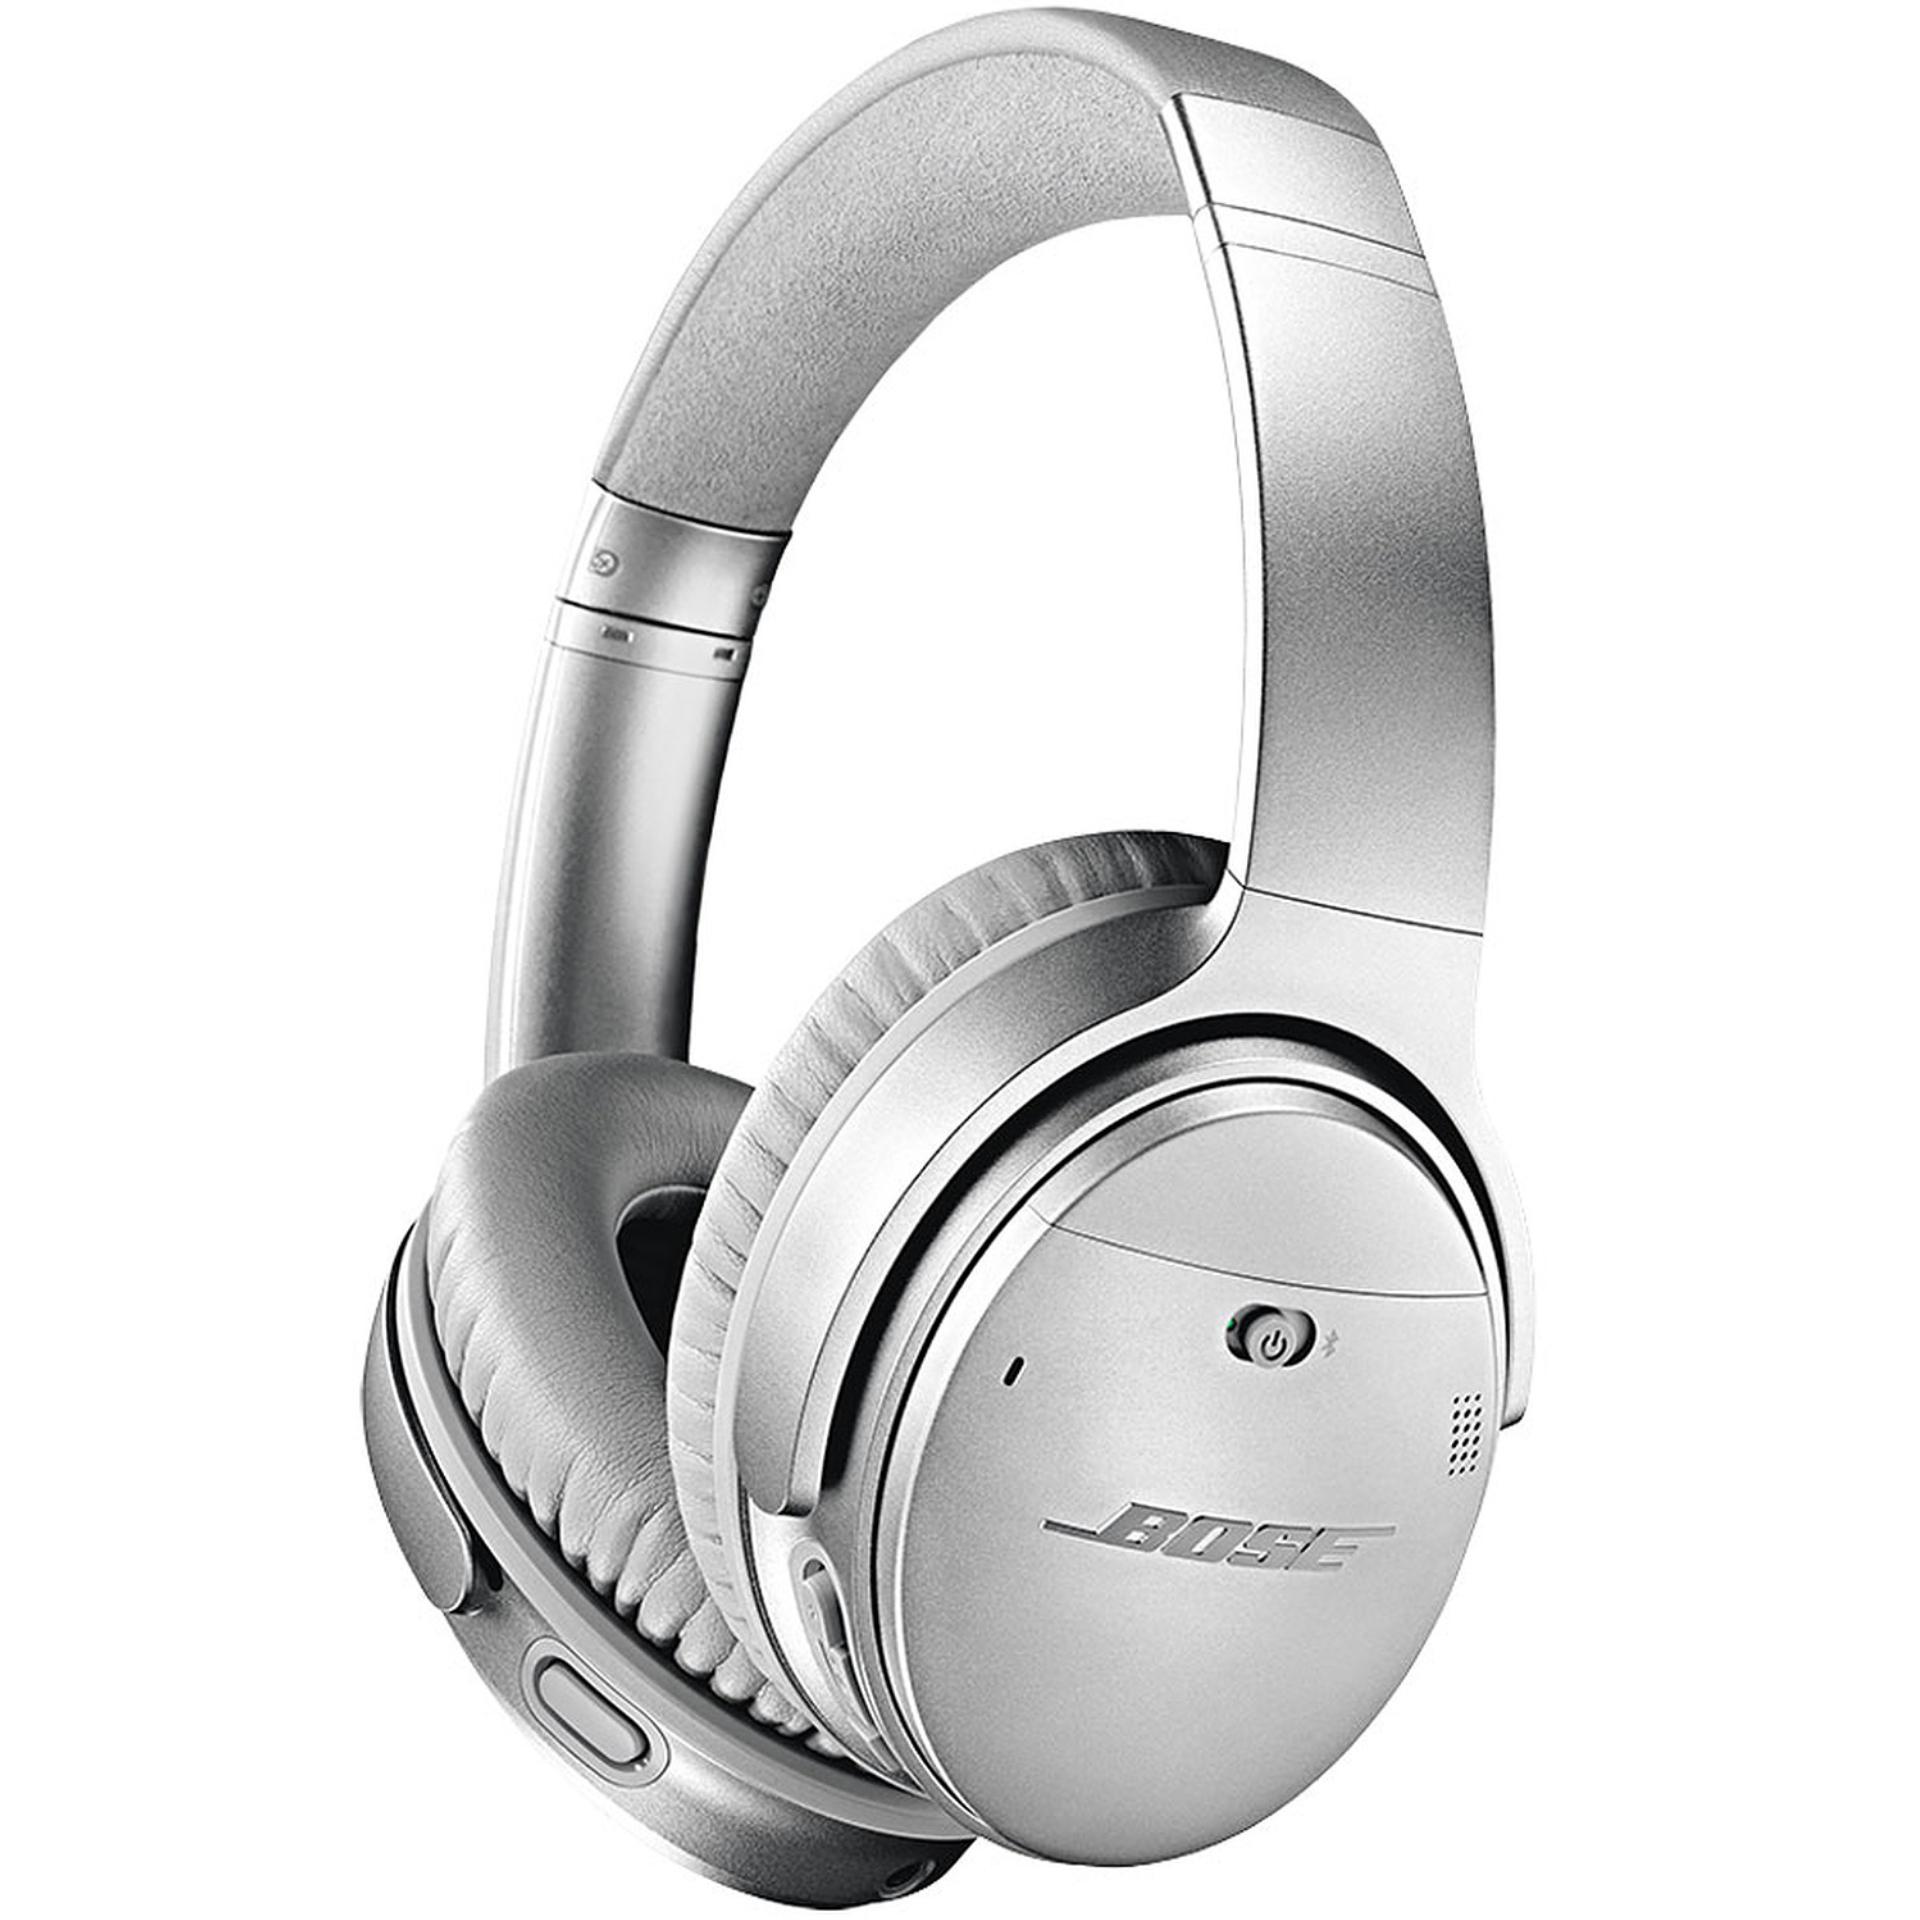 [Grauimport] Bose QuietComfort 35 II: Bluetooth Kopfhörer (Active Noise Cancelling, 20h Akku, zwei Mikrofone, Google Assistant, NFC)